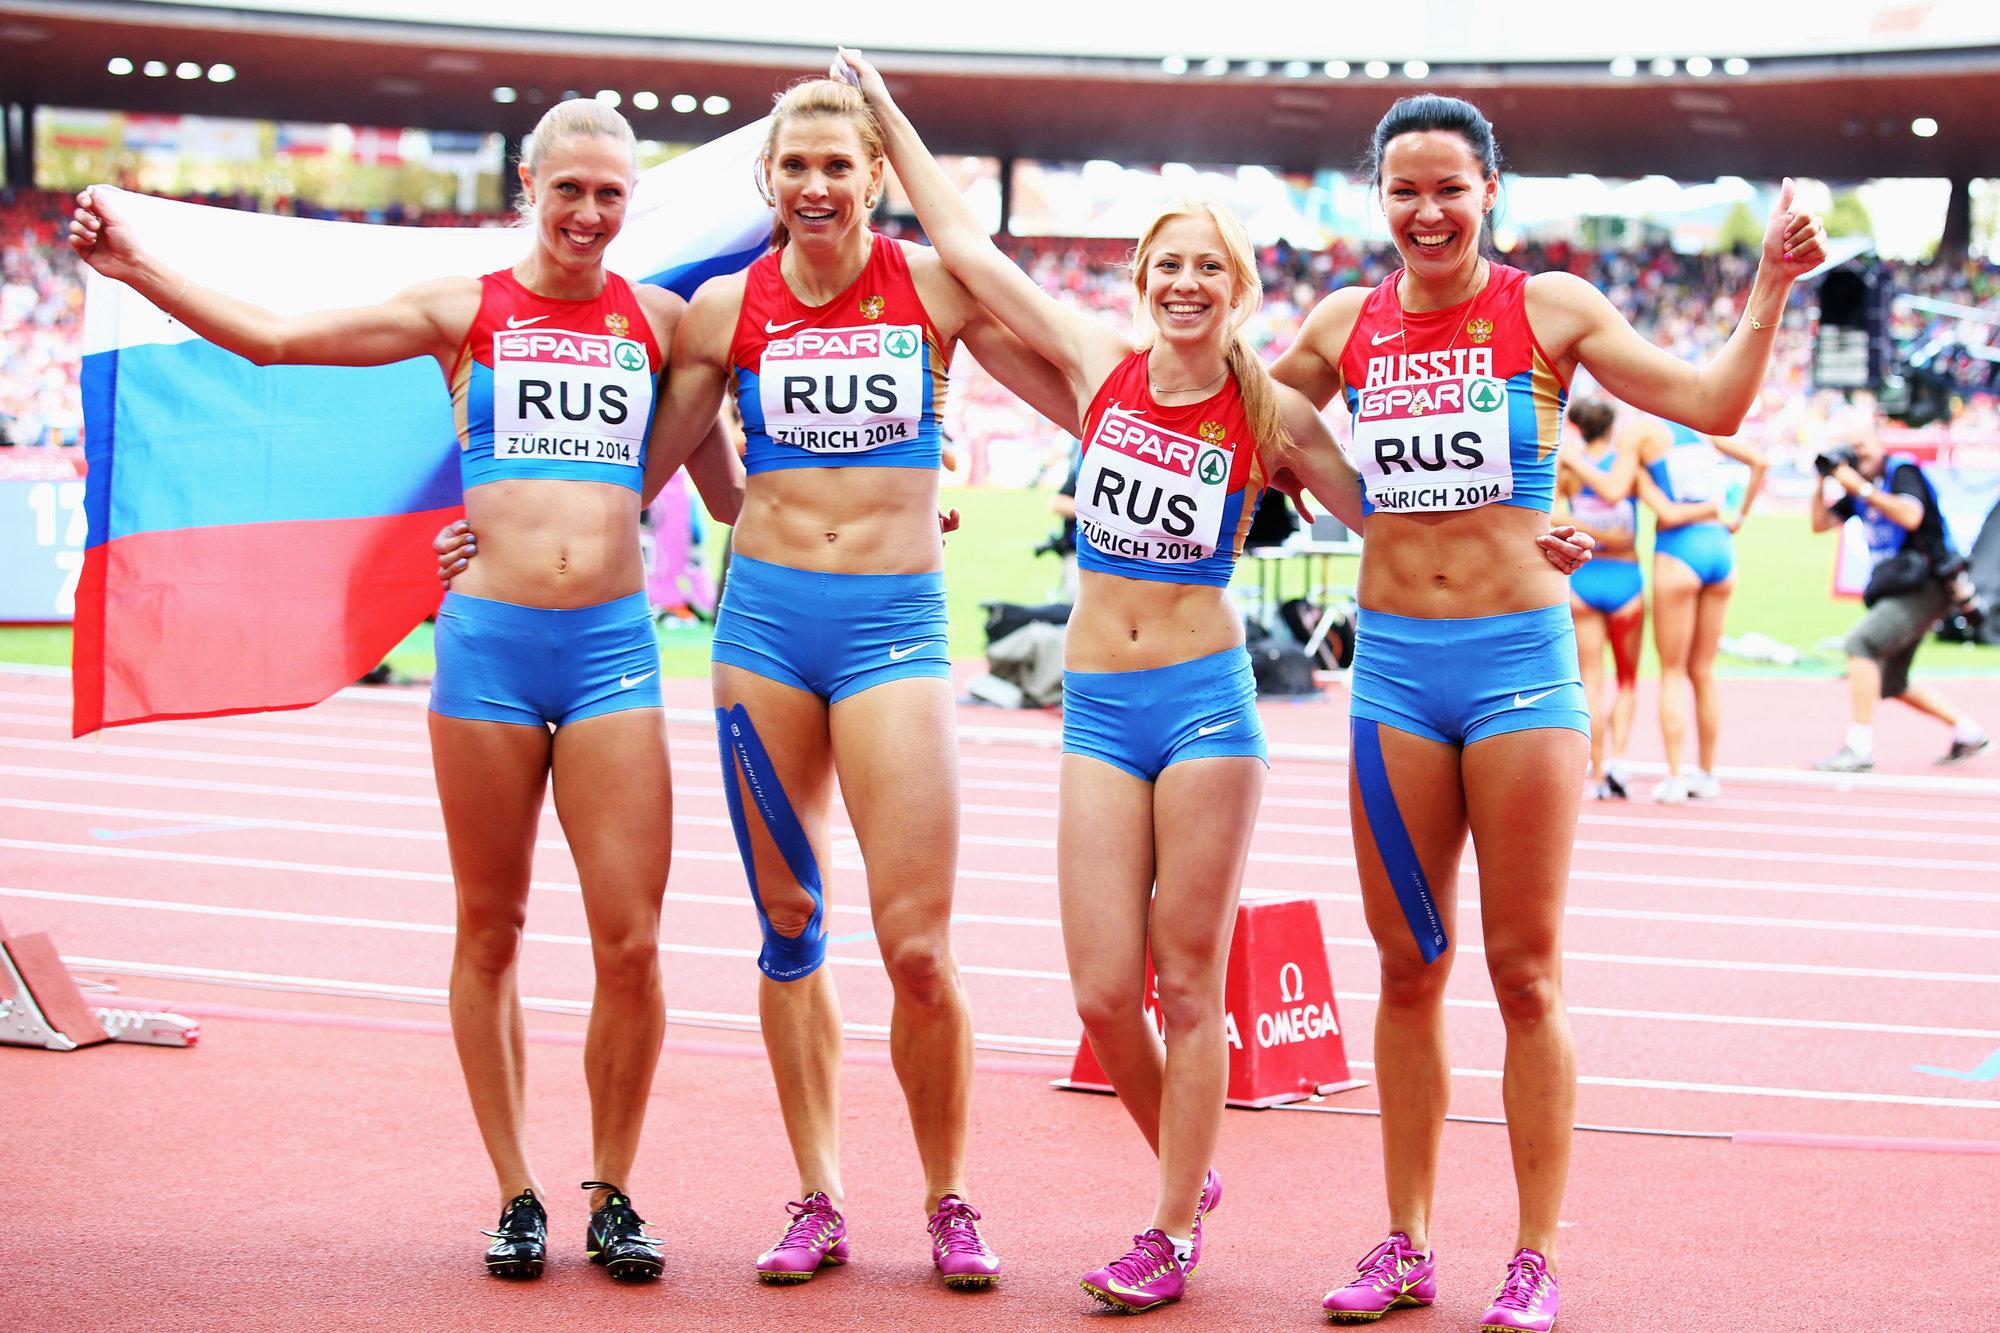 Фото российских легкоатлетов